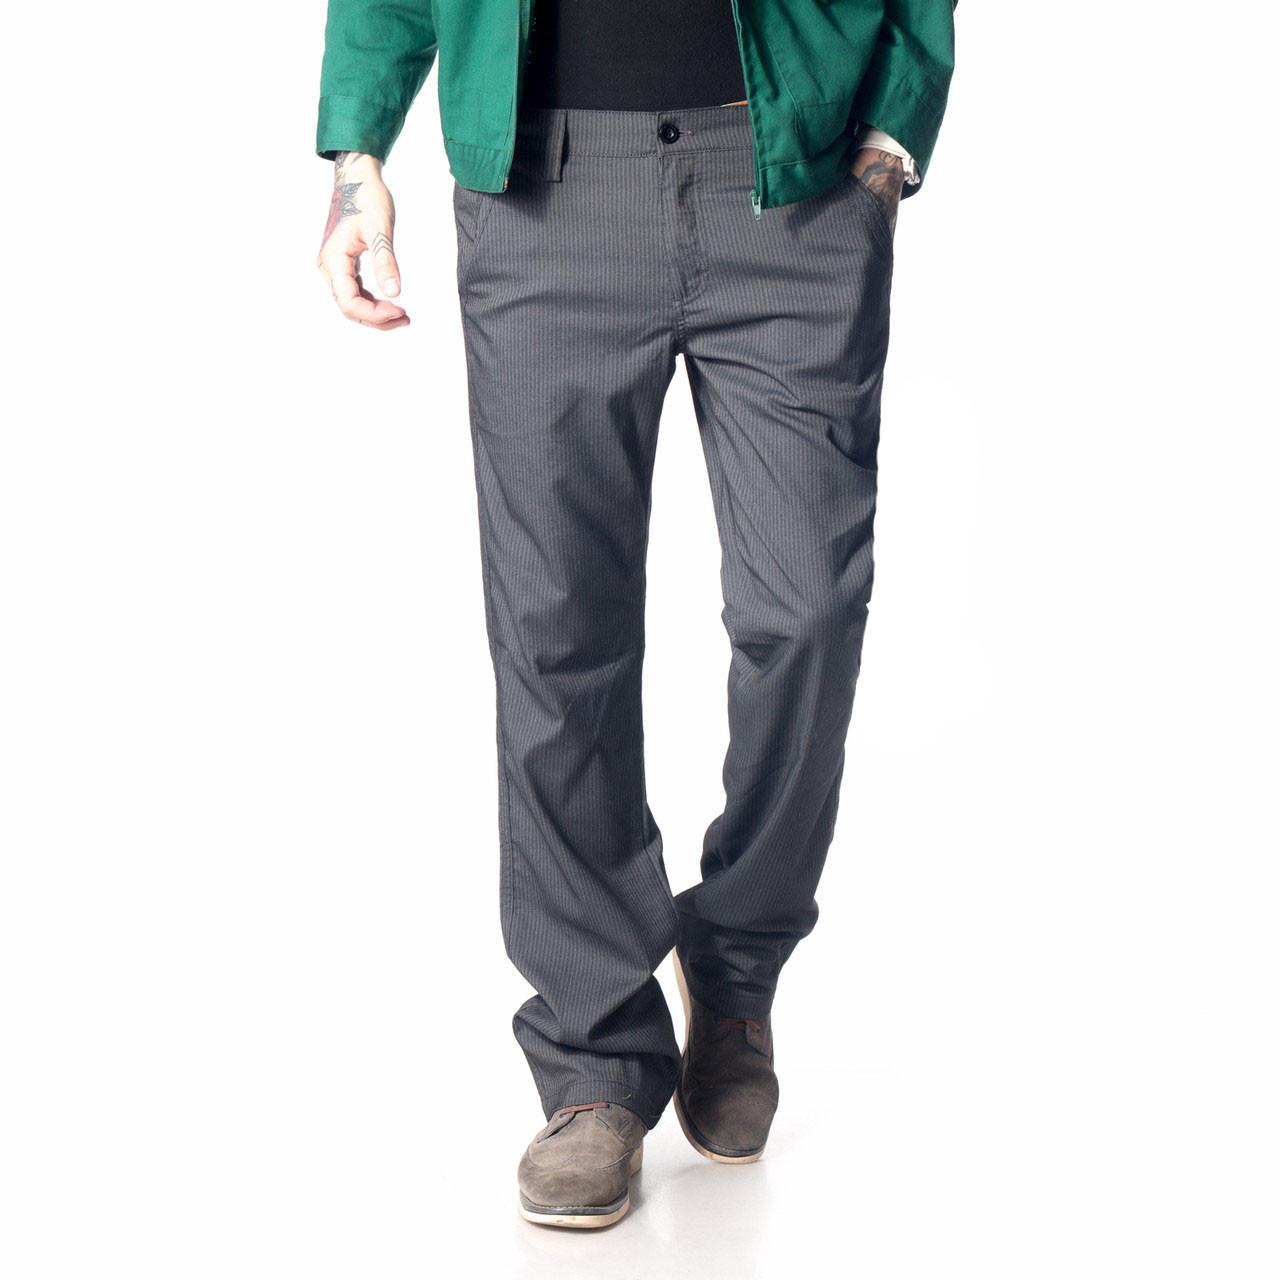 07b3c4179c2 Джинсы ( брюки) мужские с косыми карманами весна-лето - купить брюки ...